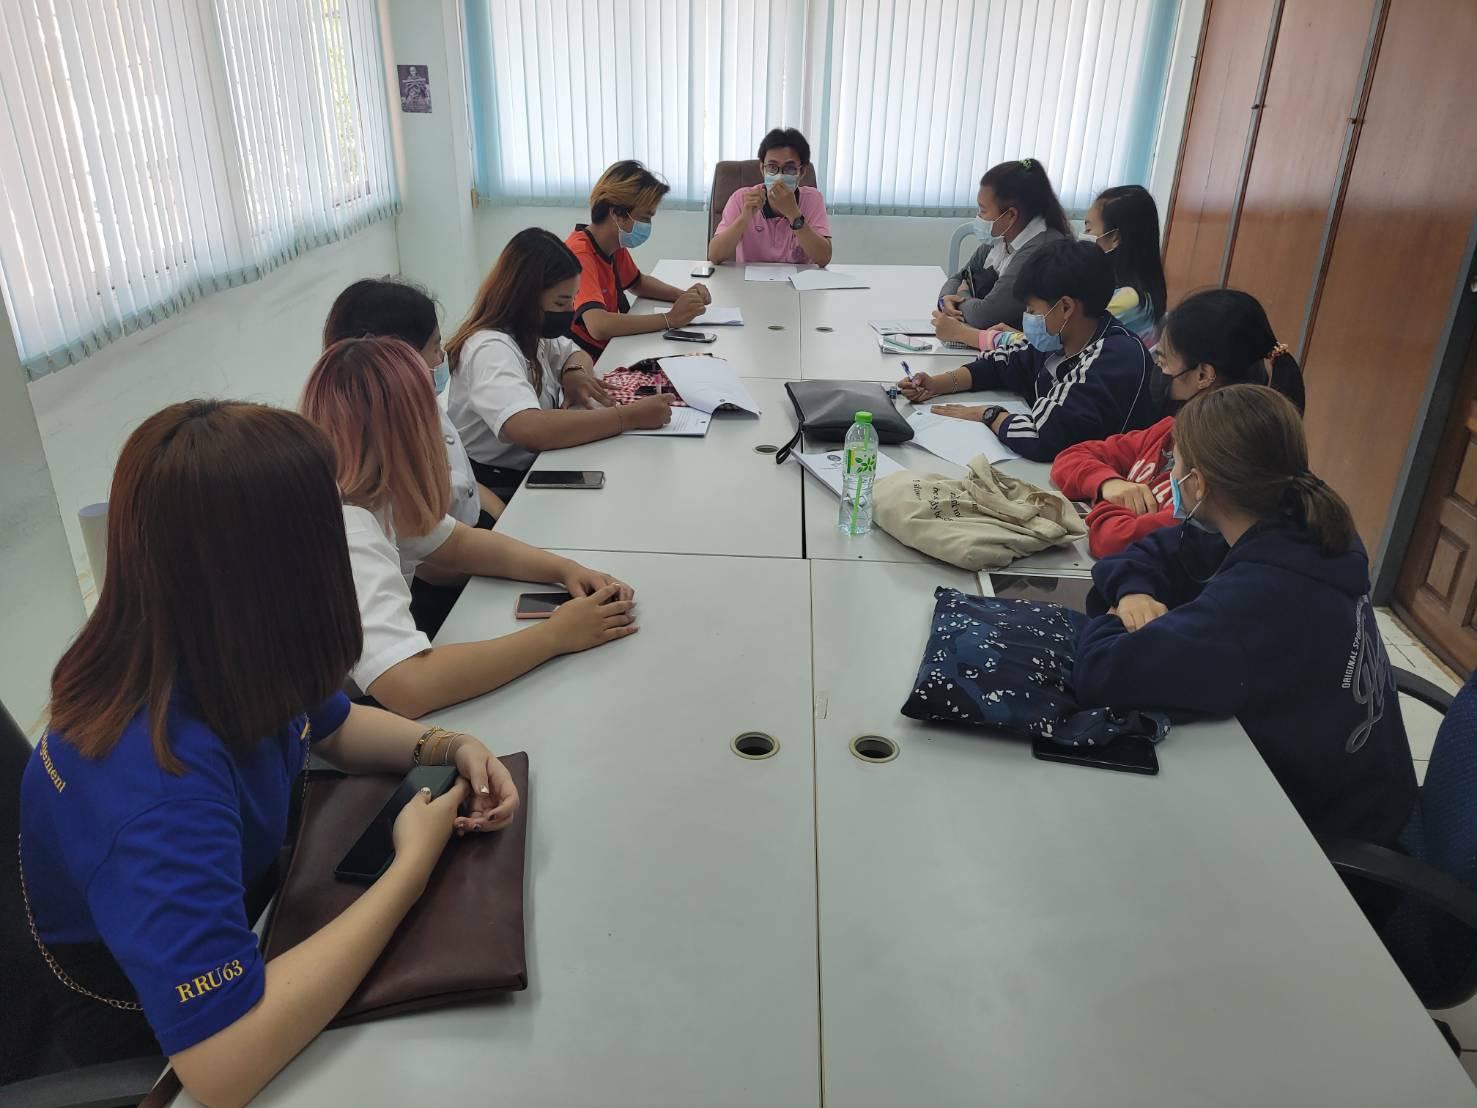 ประชุมคณะกรรมการสโมสรนักศึกษาคณะวิทยาการจัดการ